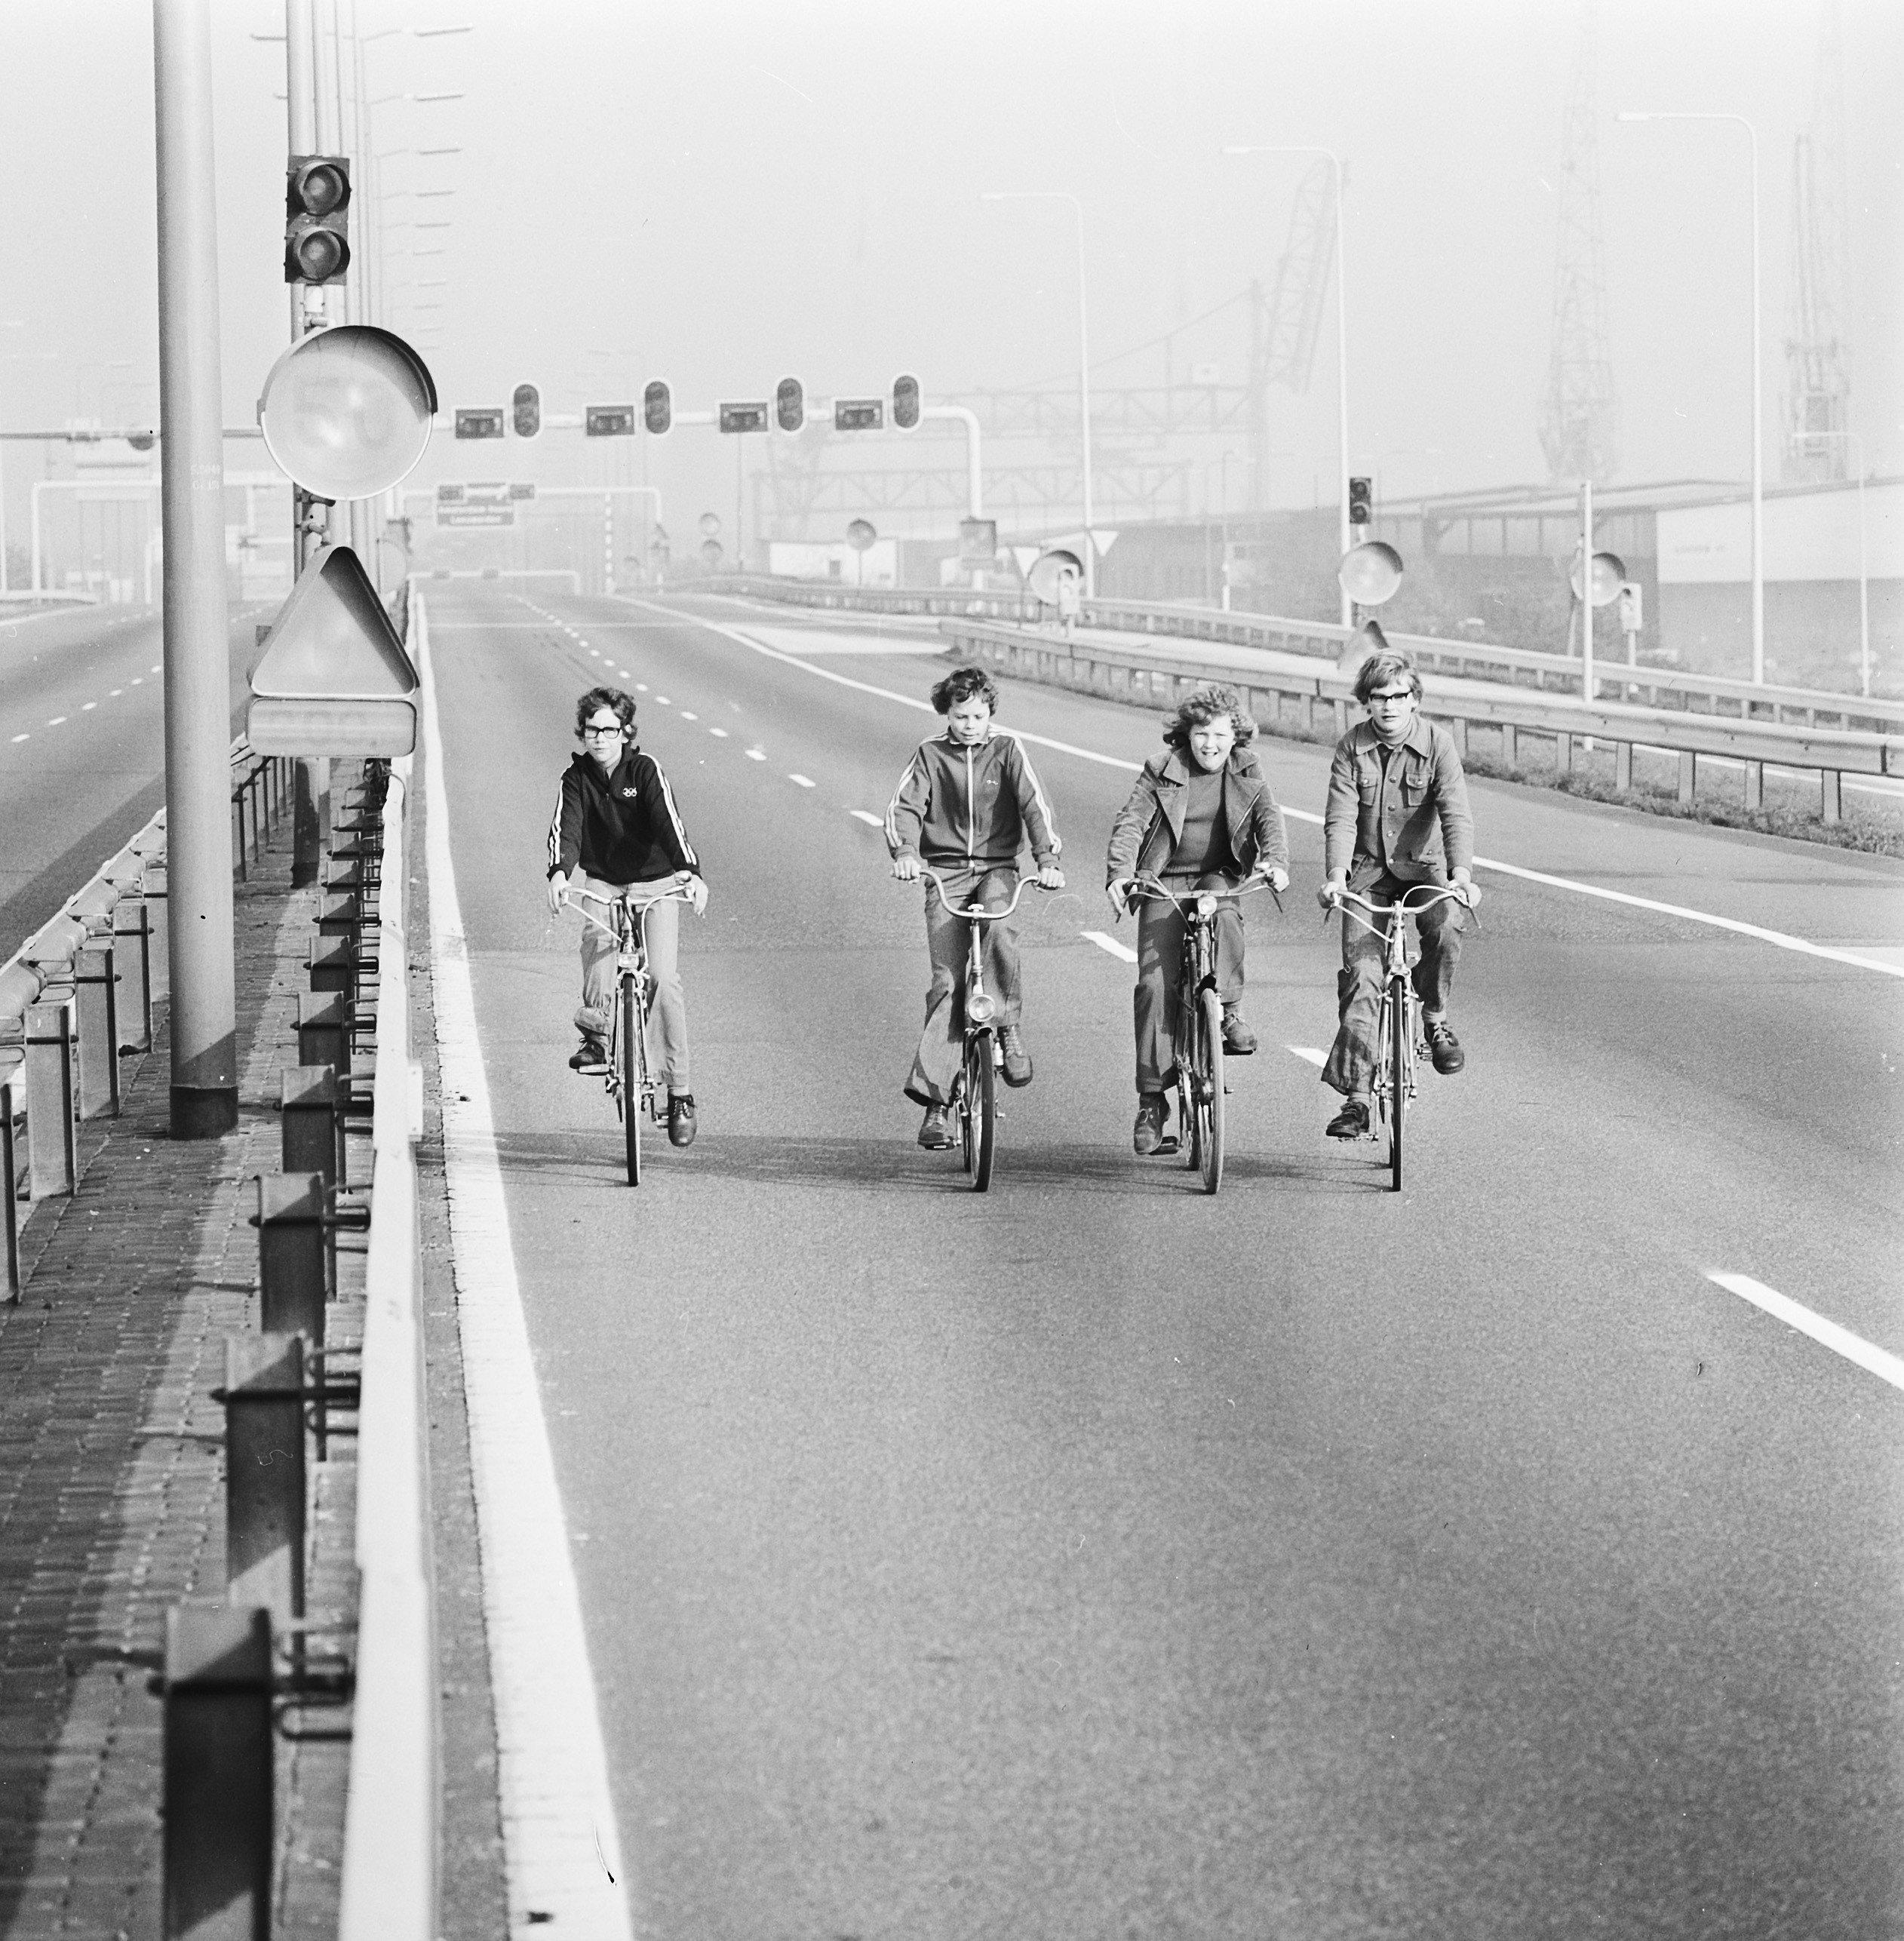 File:Fietsers op de autosnelweg, Bestanddeelnr 926-8019.jpg - Wikimedia  Commons